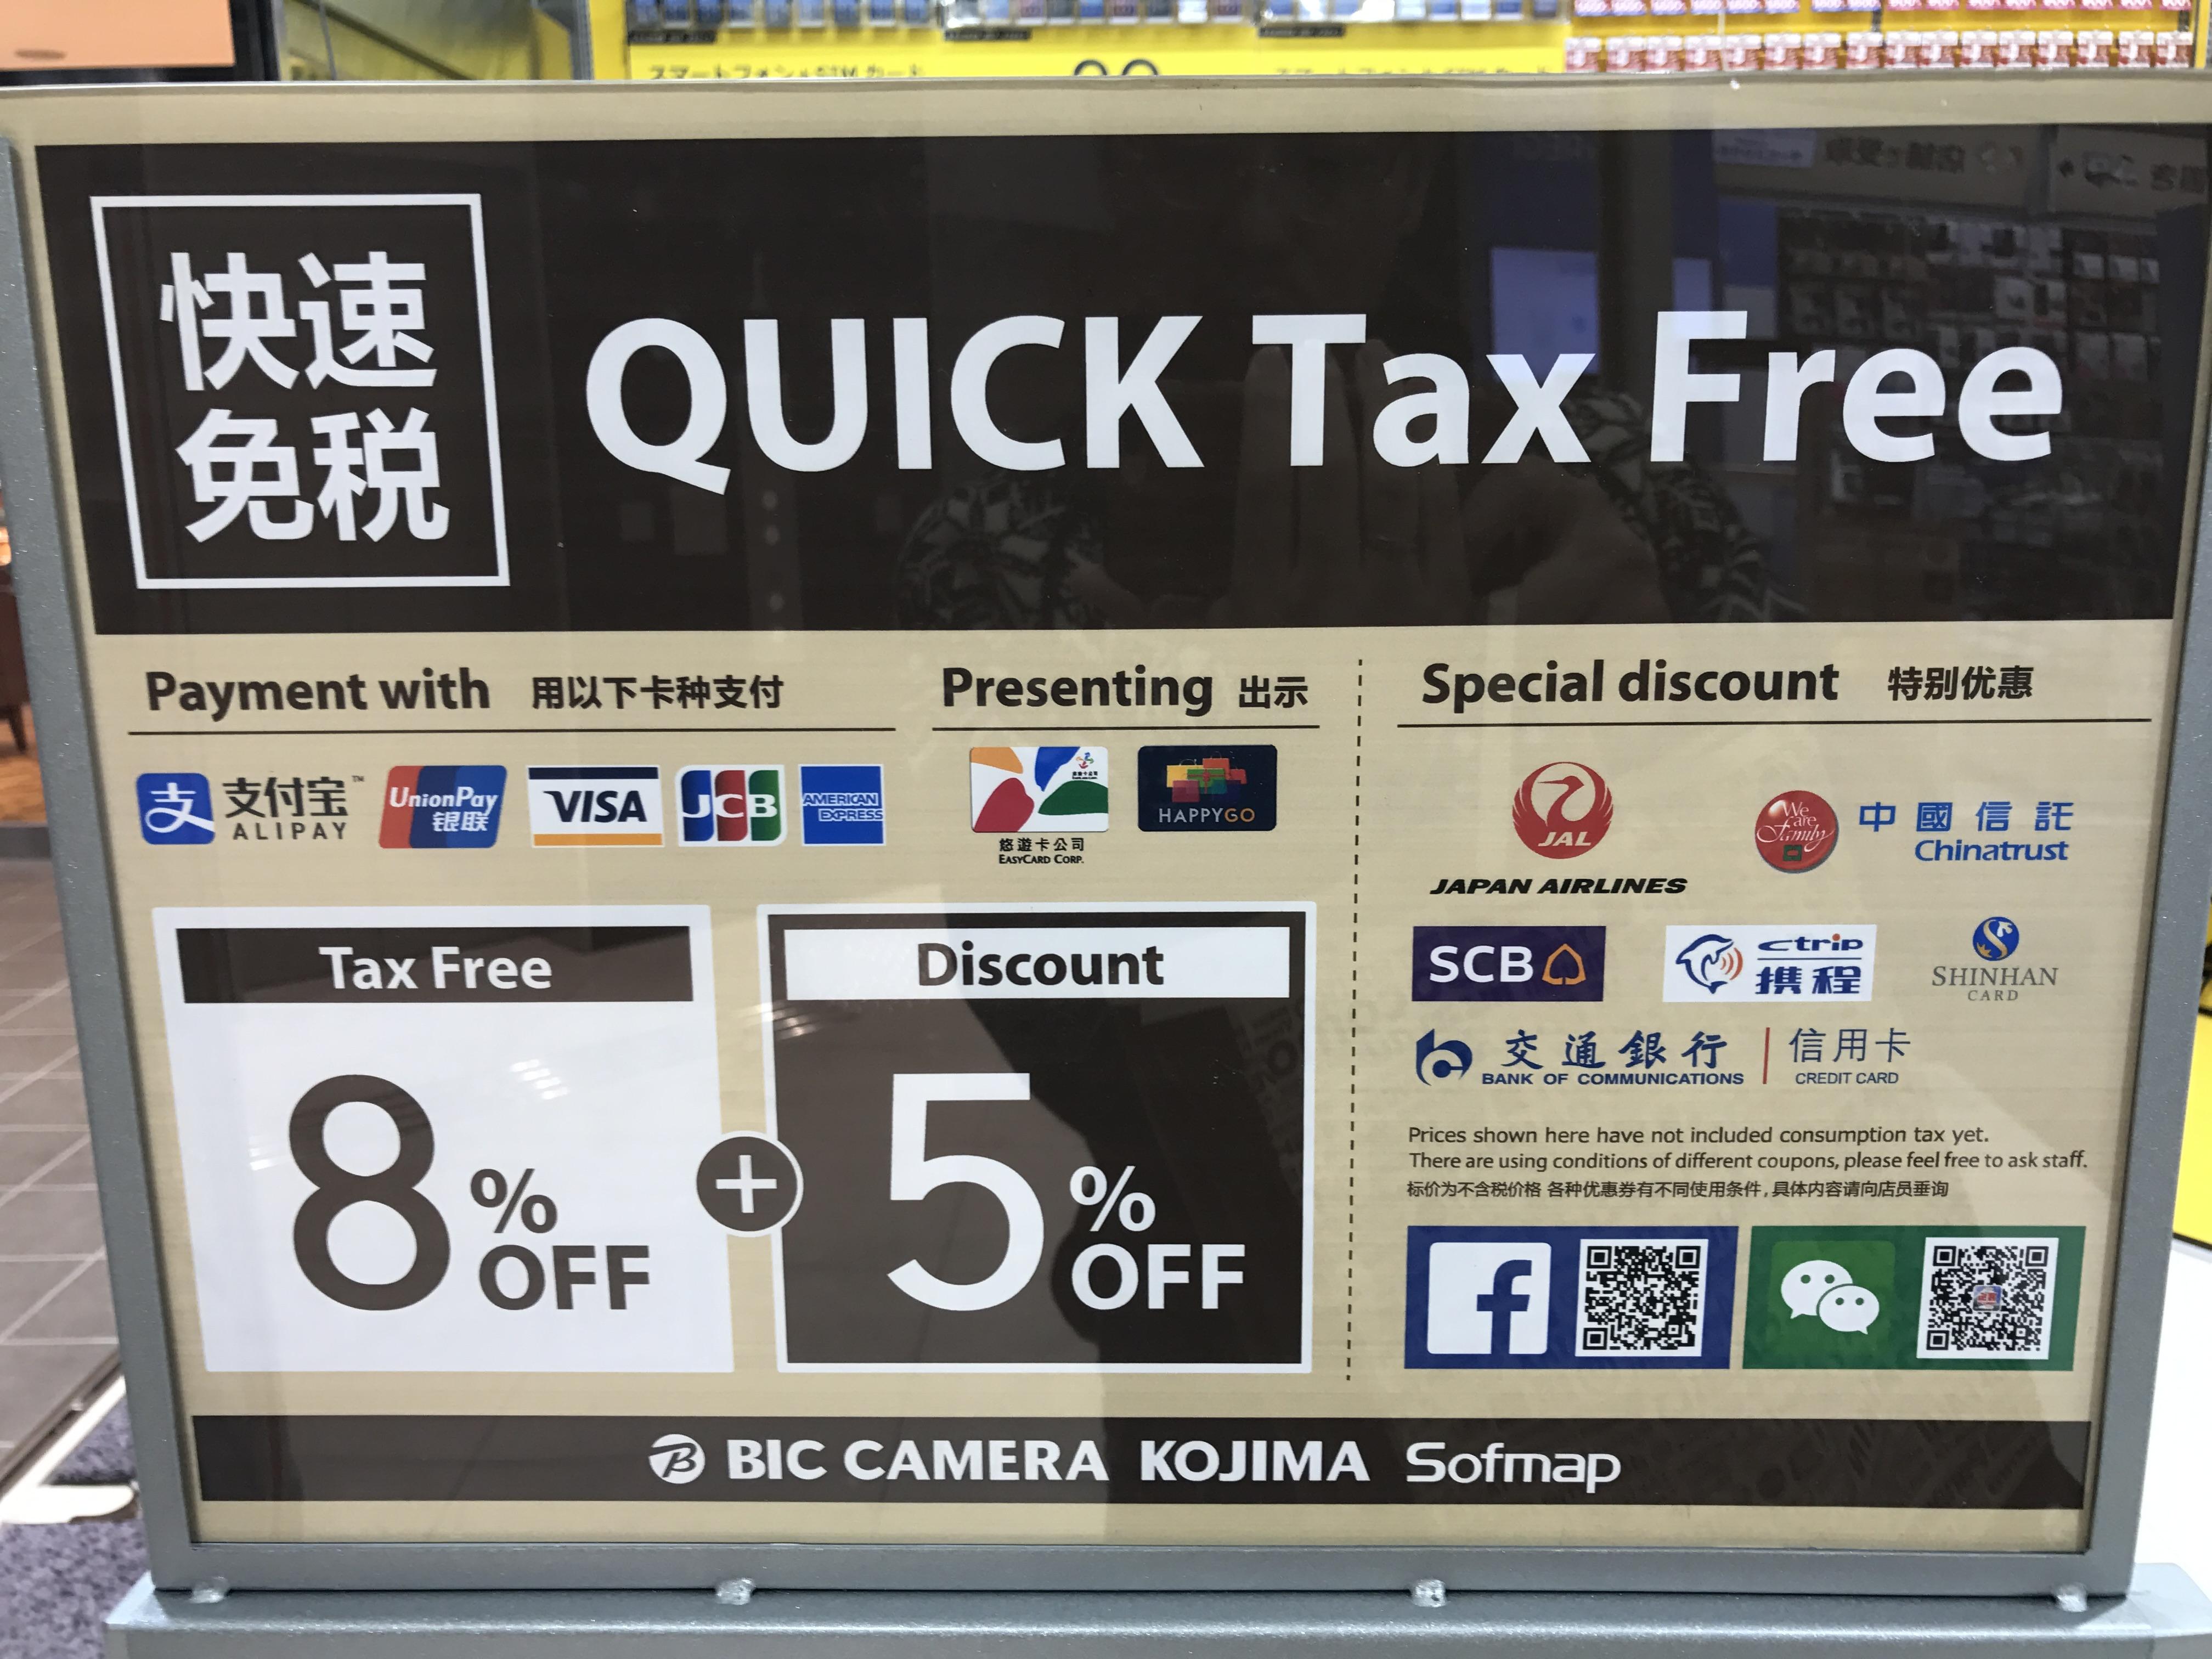 日本国内で銀聯カードを使っても、5%オフにならない店舗があるので要注意